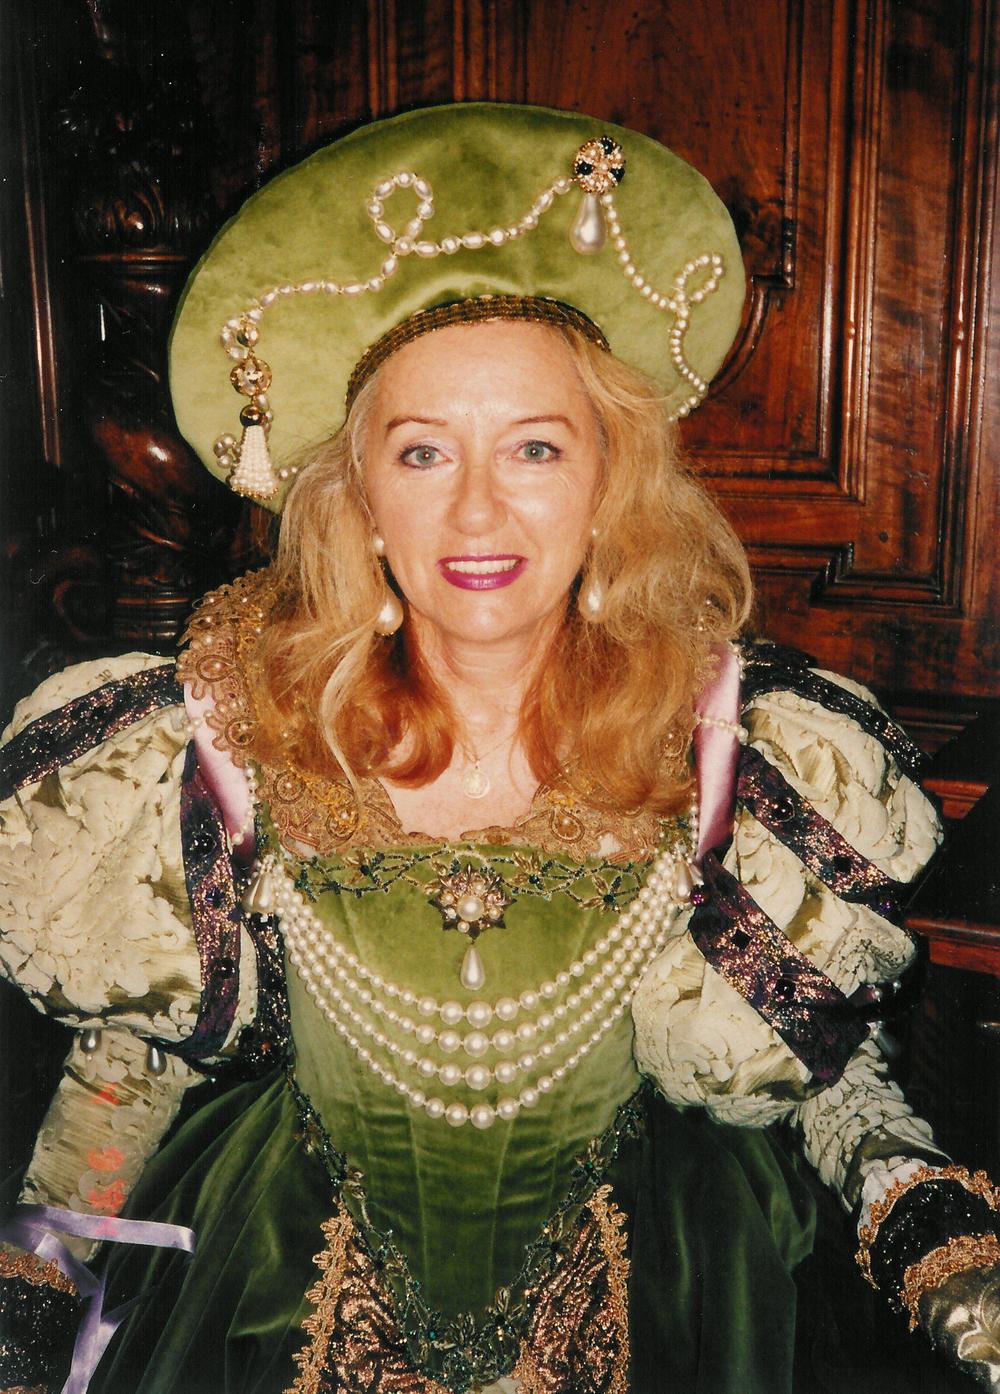 Robe Renaissance en velours vert